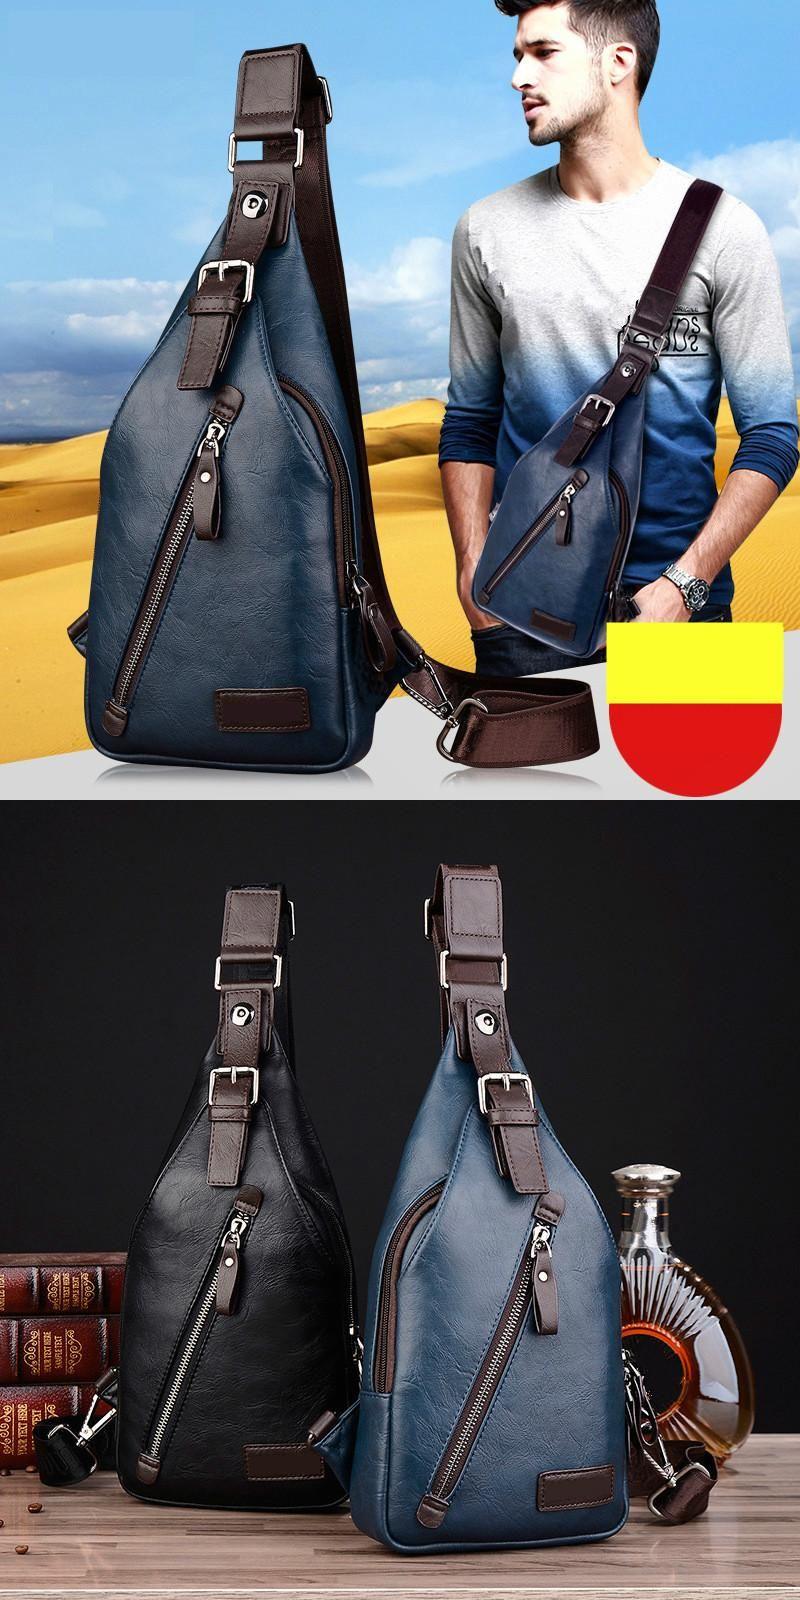 [Visit to Buy] Men Summer Messenger Bag Male Sling Bag Designer Leather Chest Pack Fanny Handbag Fashion Travel Shoulder Bag Casual Mini Bag #Advertisement